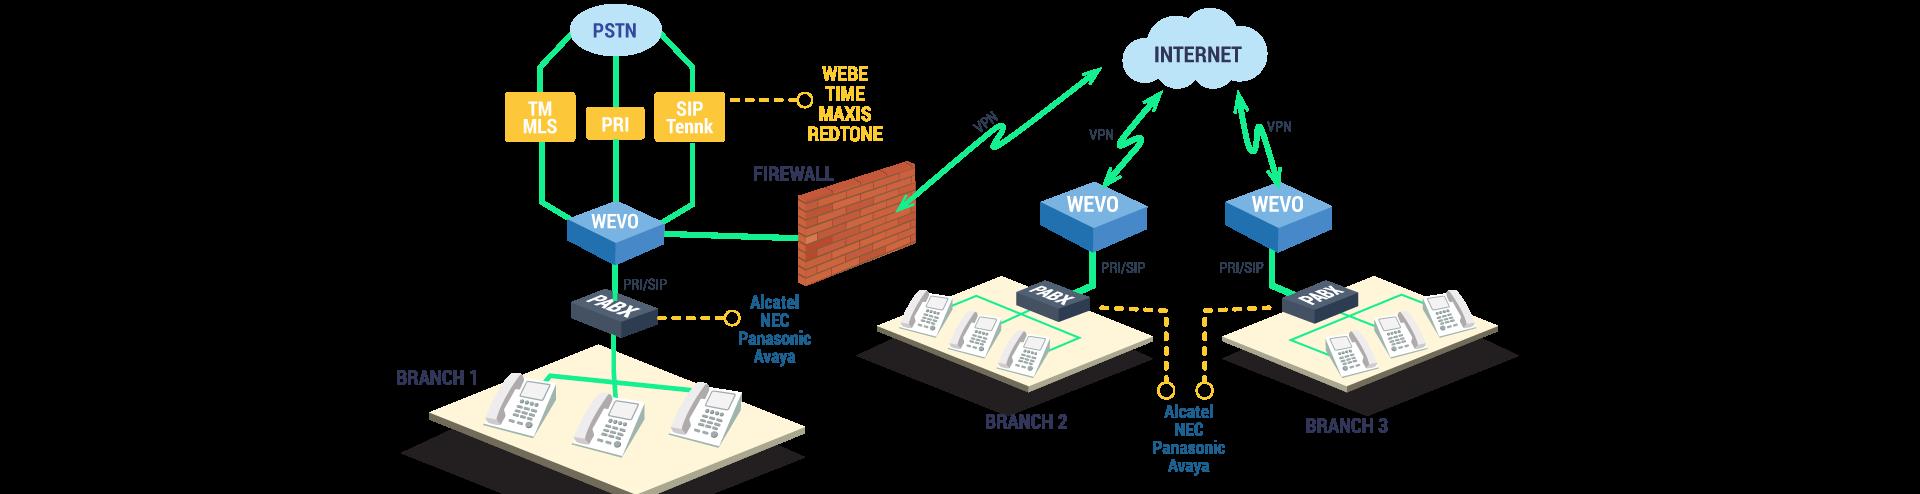 gateway-webmap